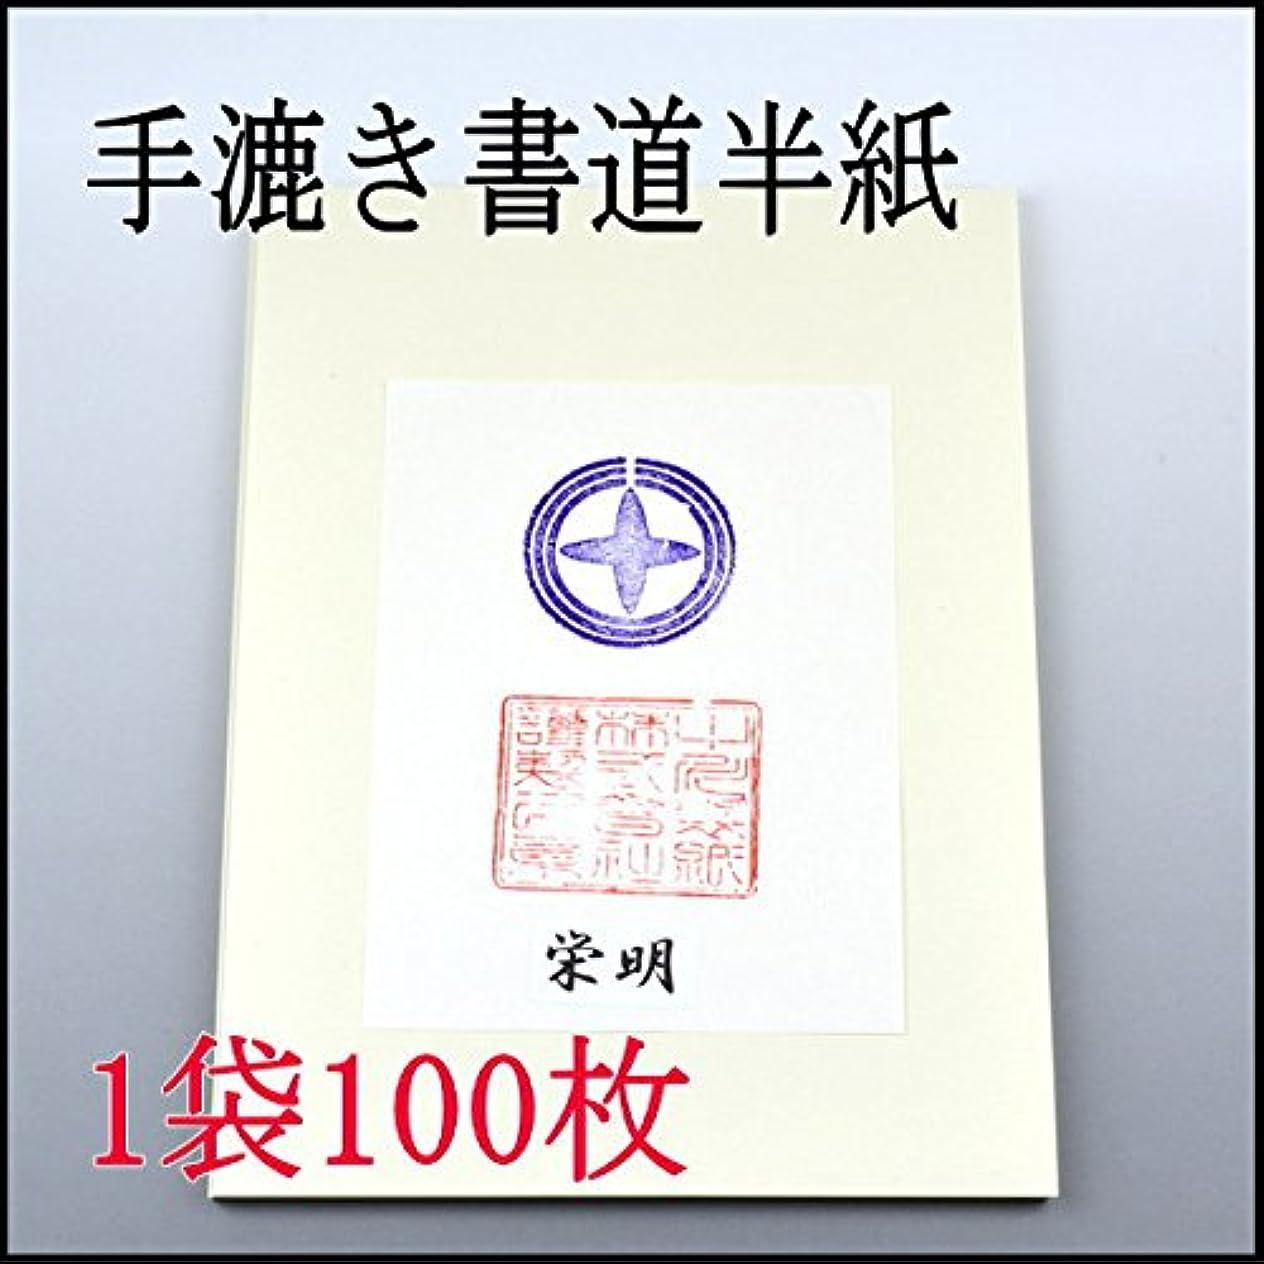 荒廃する証言する命令半紙屋e-shop 書道半紙 100枚本格手漉き半紙 栄明